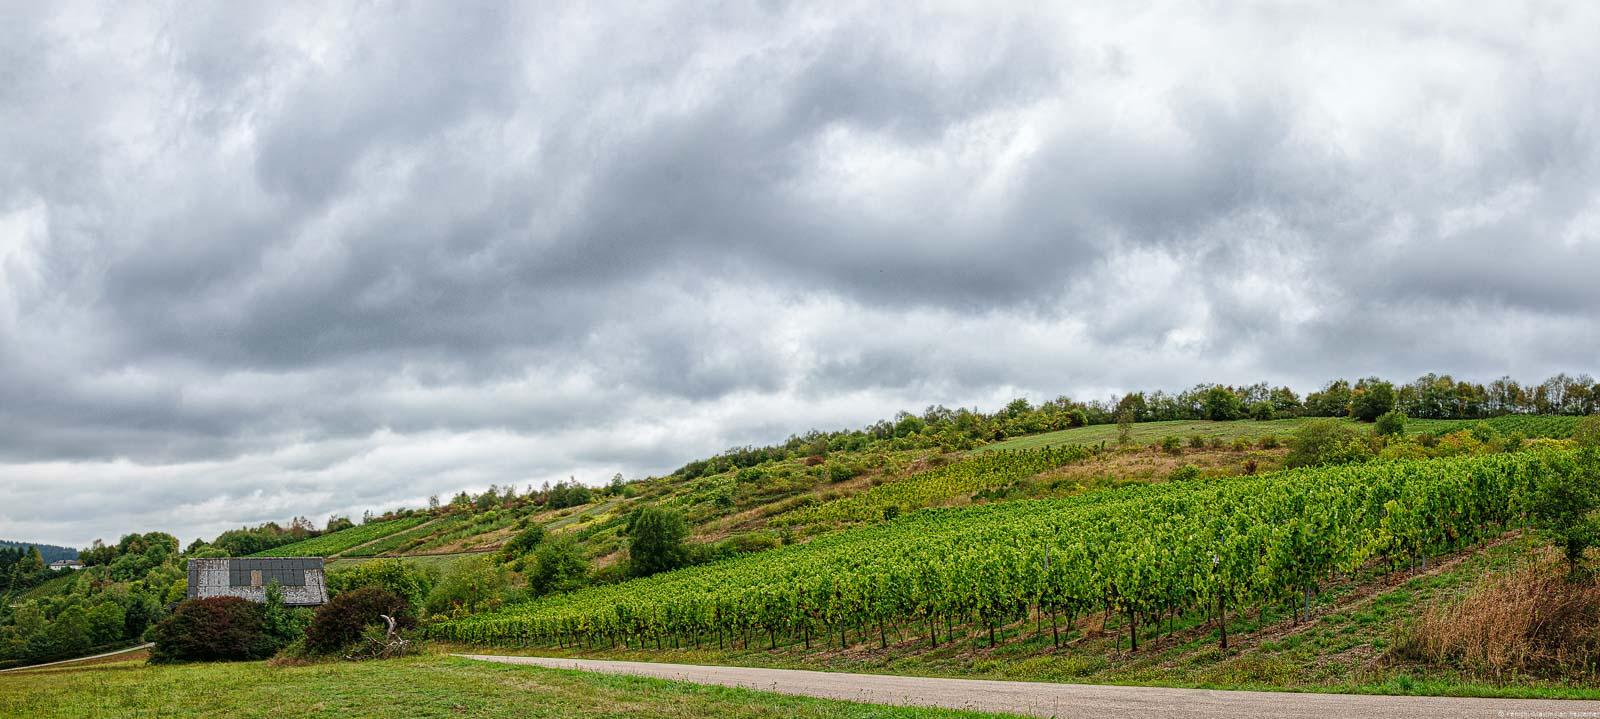 Der Waldracher Ehrenberg befindet sich östlich von Waldrach. Der Weinberg ist flach und der Himmel ist bewölkt.